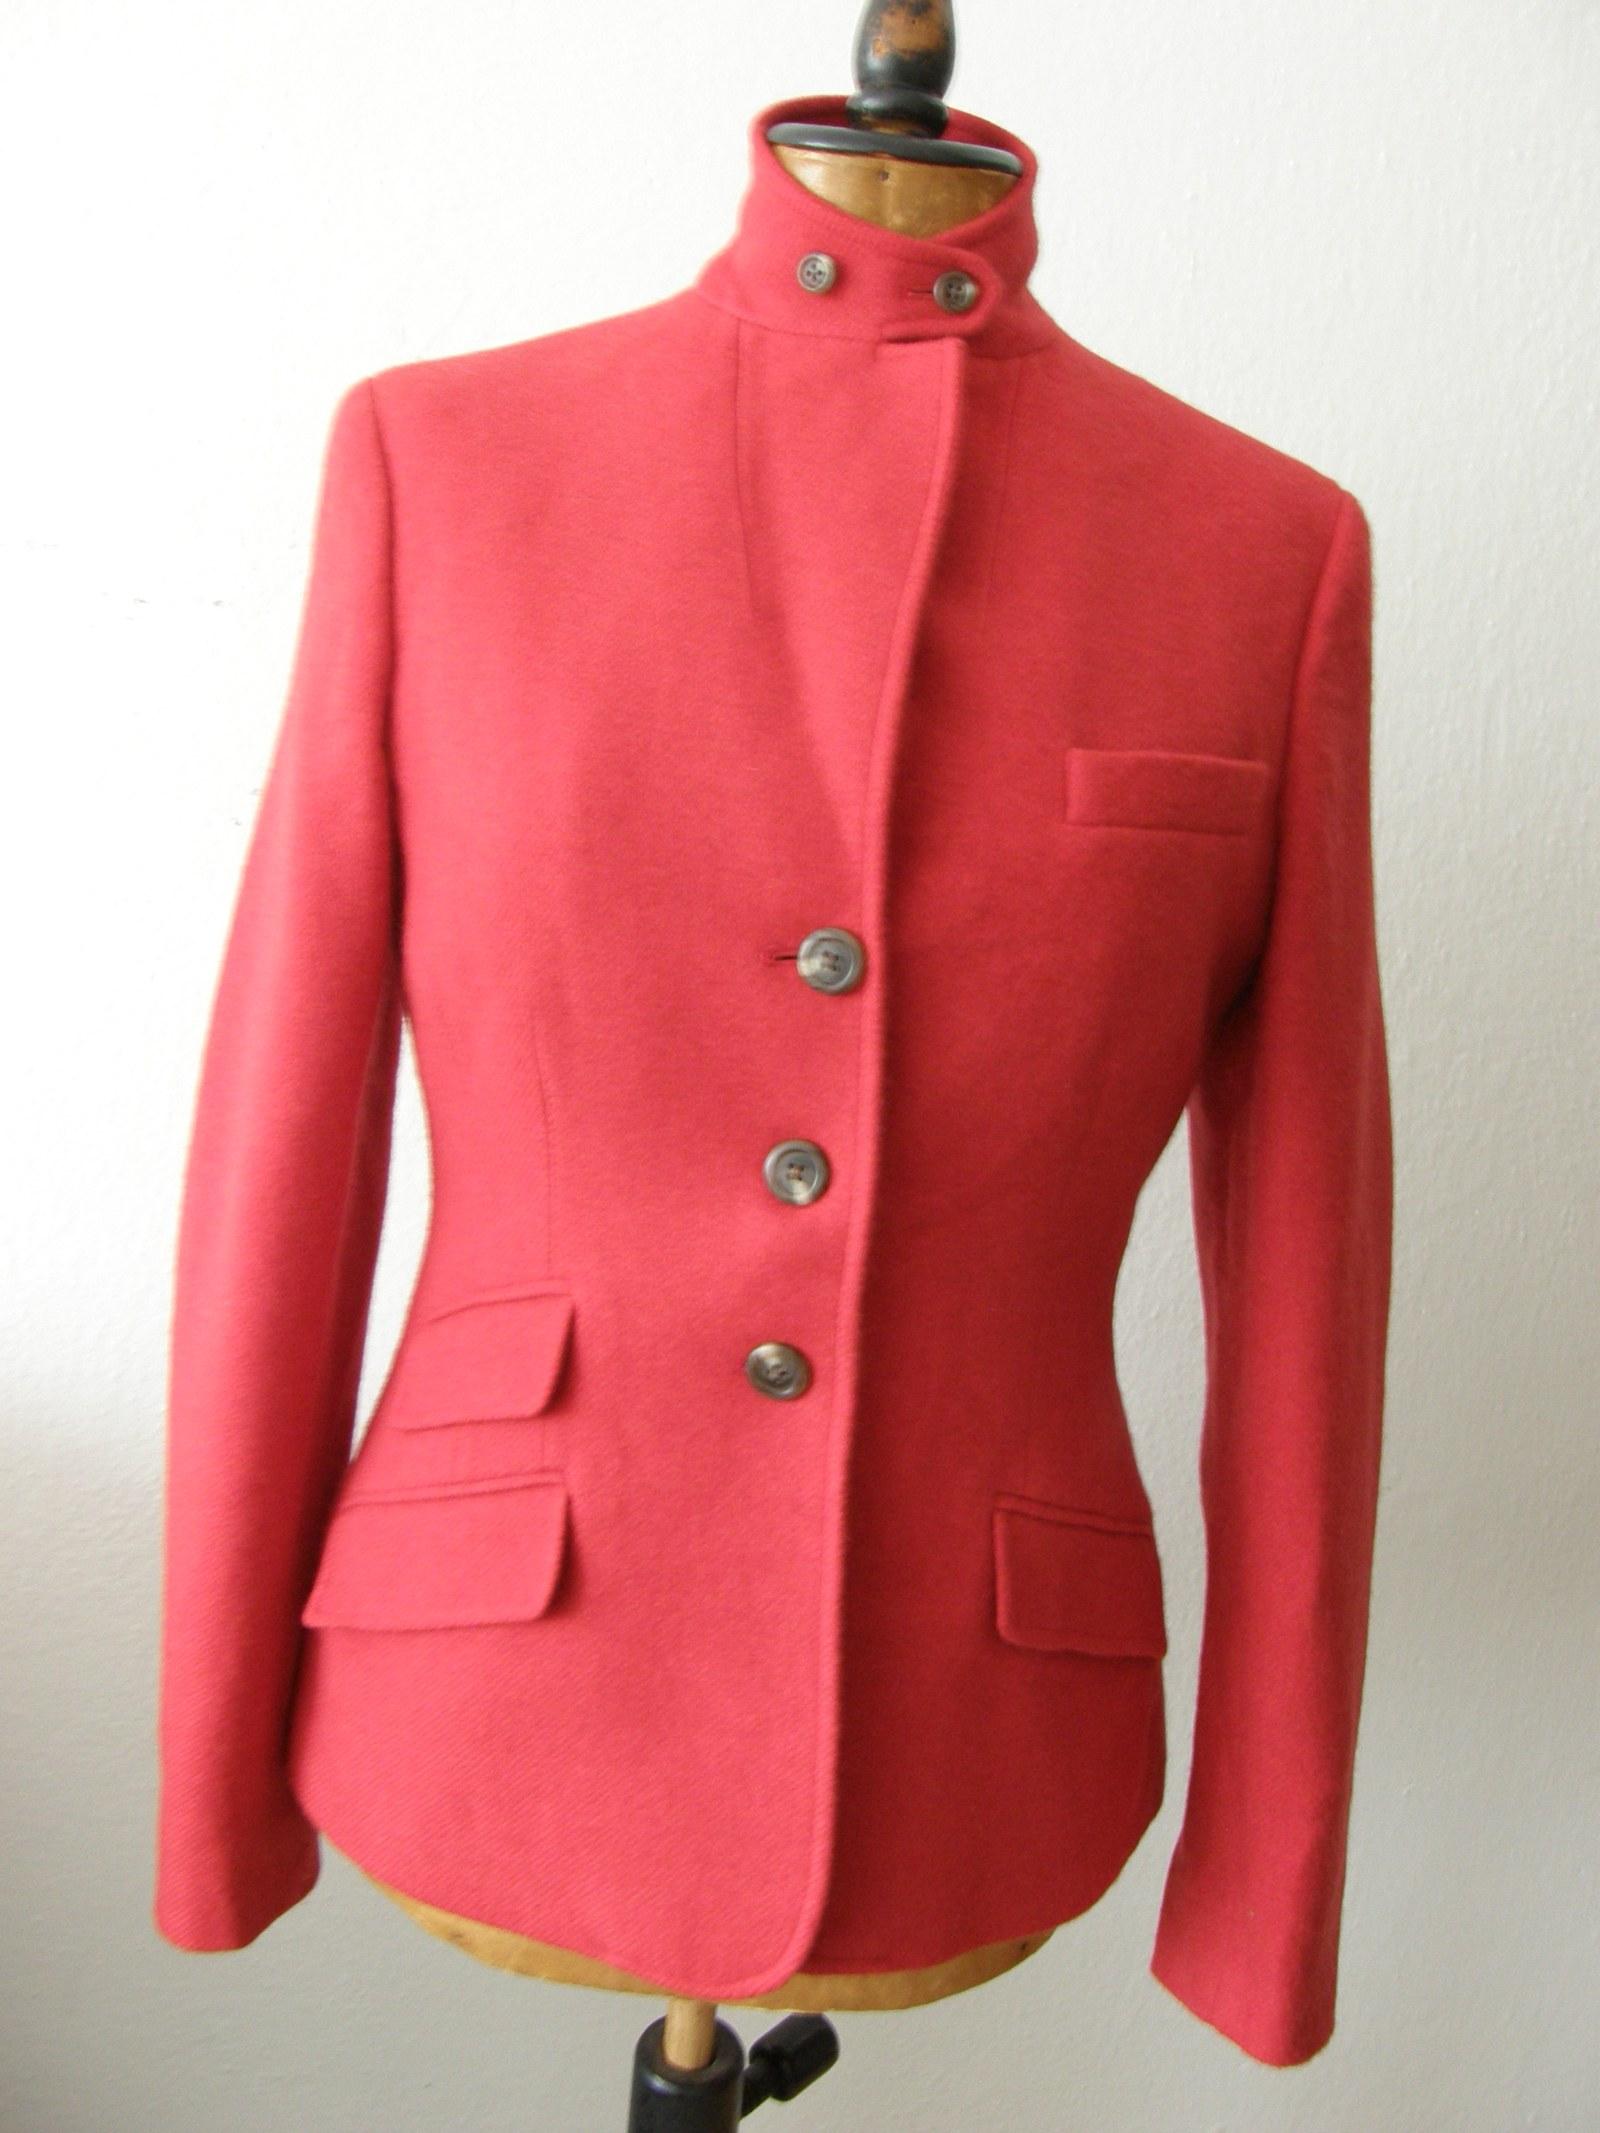 6d26306a48 krásné vlněné sako Ralph Lauren   Zboží prodejce Tolaja